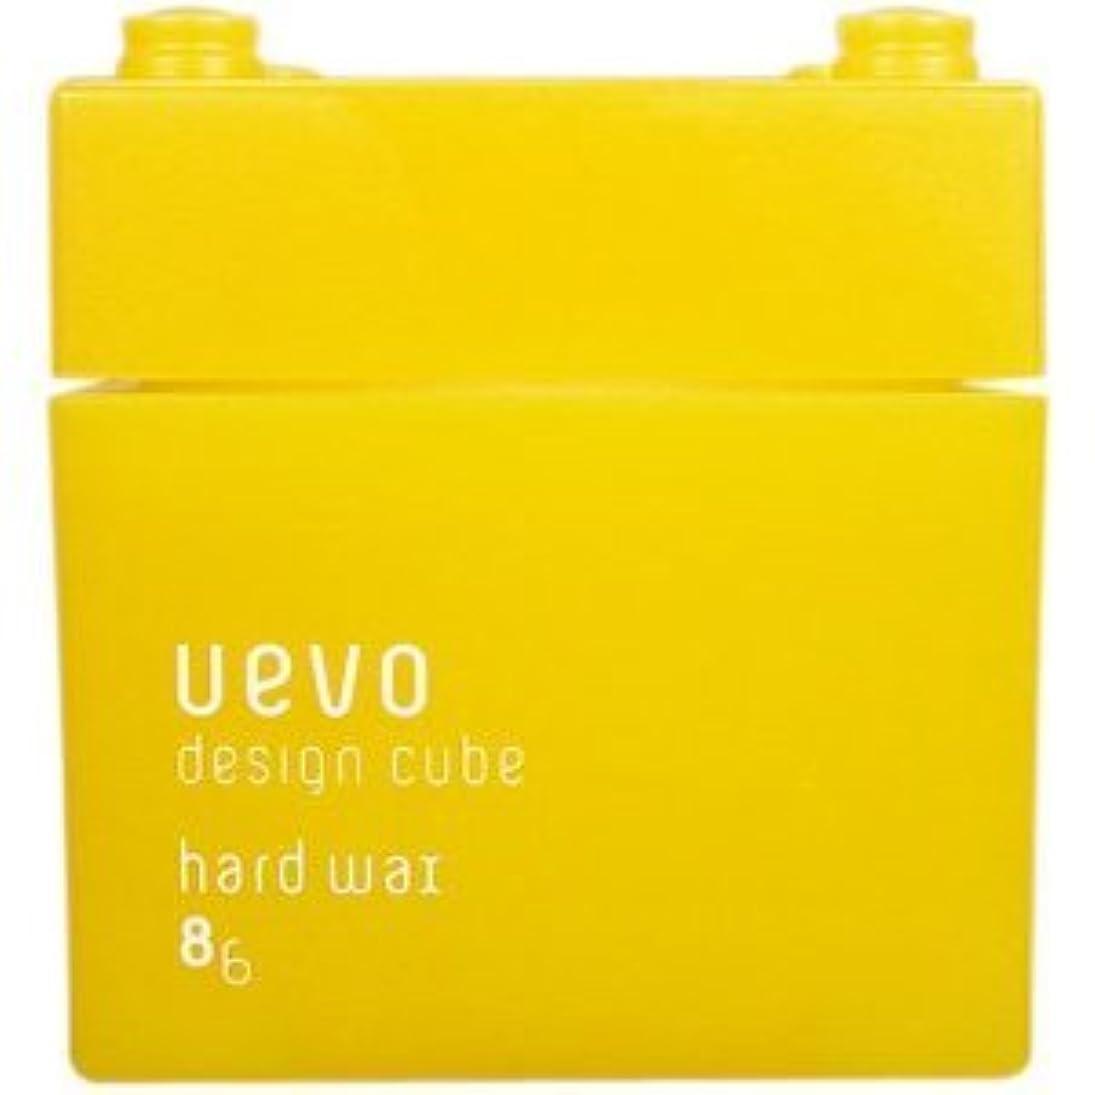 可愛い混乱したドループ【X3個セット】 デミ ウェーボ デザインキューブ ハードワックス 80g hard wax DEMI uevo design cube